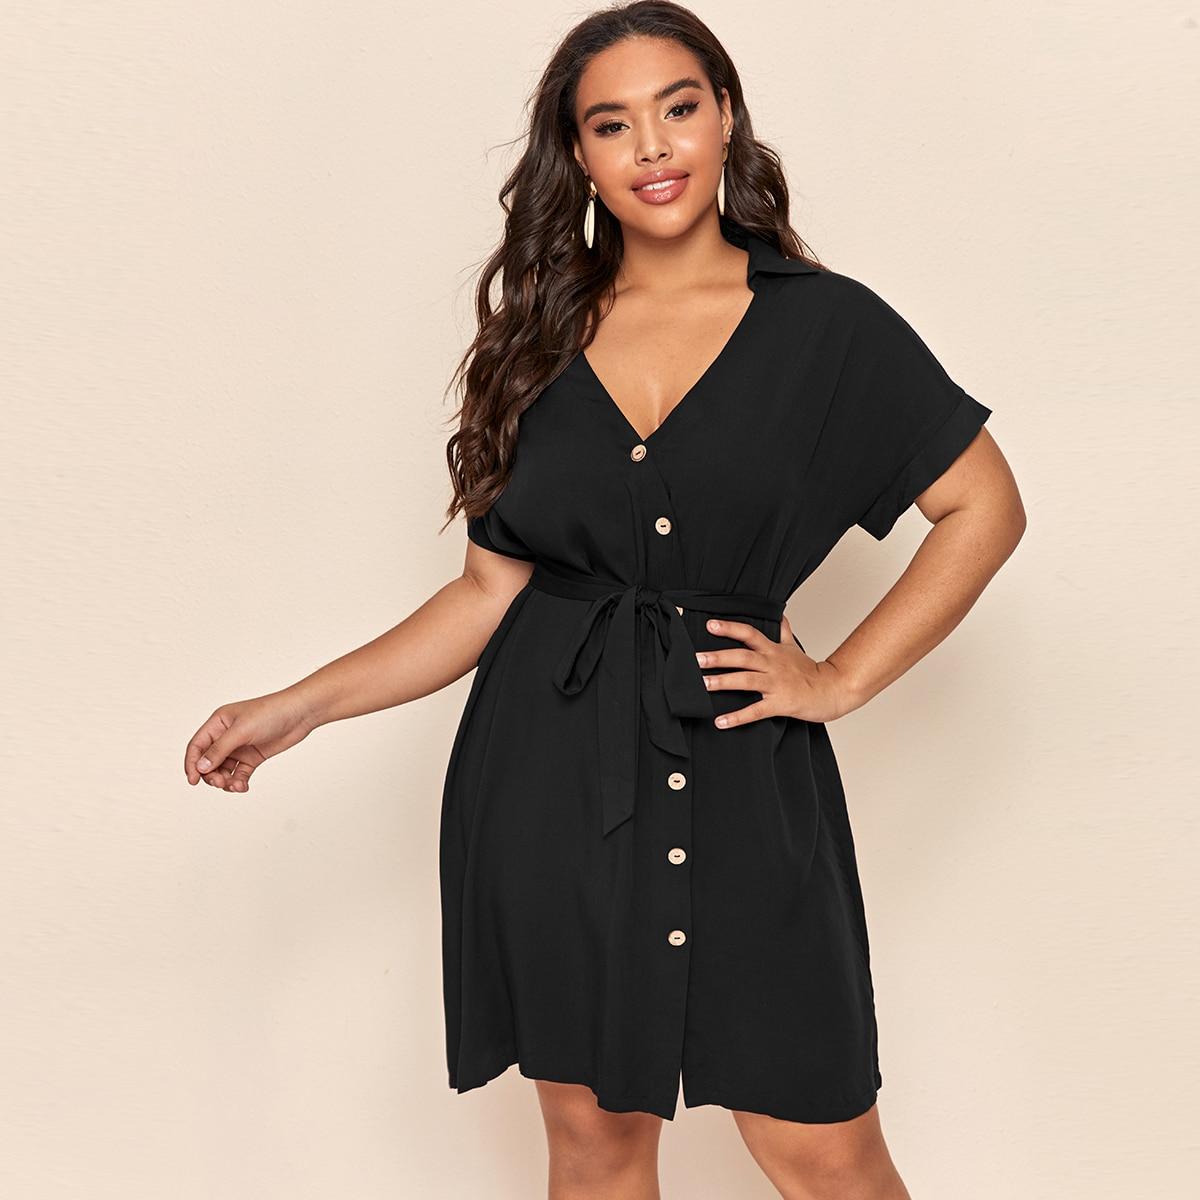 Чёрные с поясом Одноцветный Элегантный Платья размер плюс фото